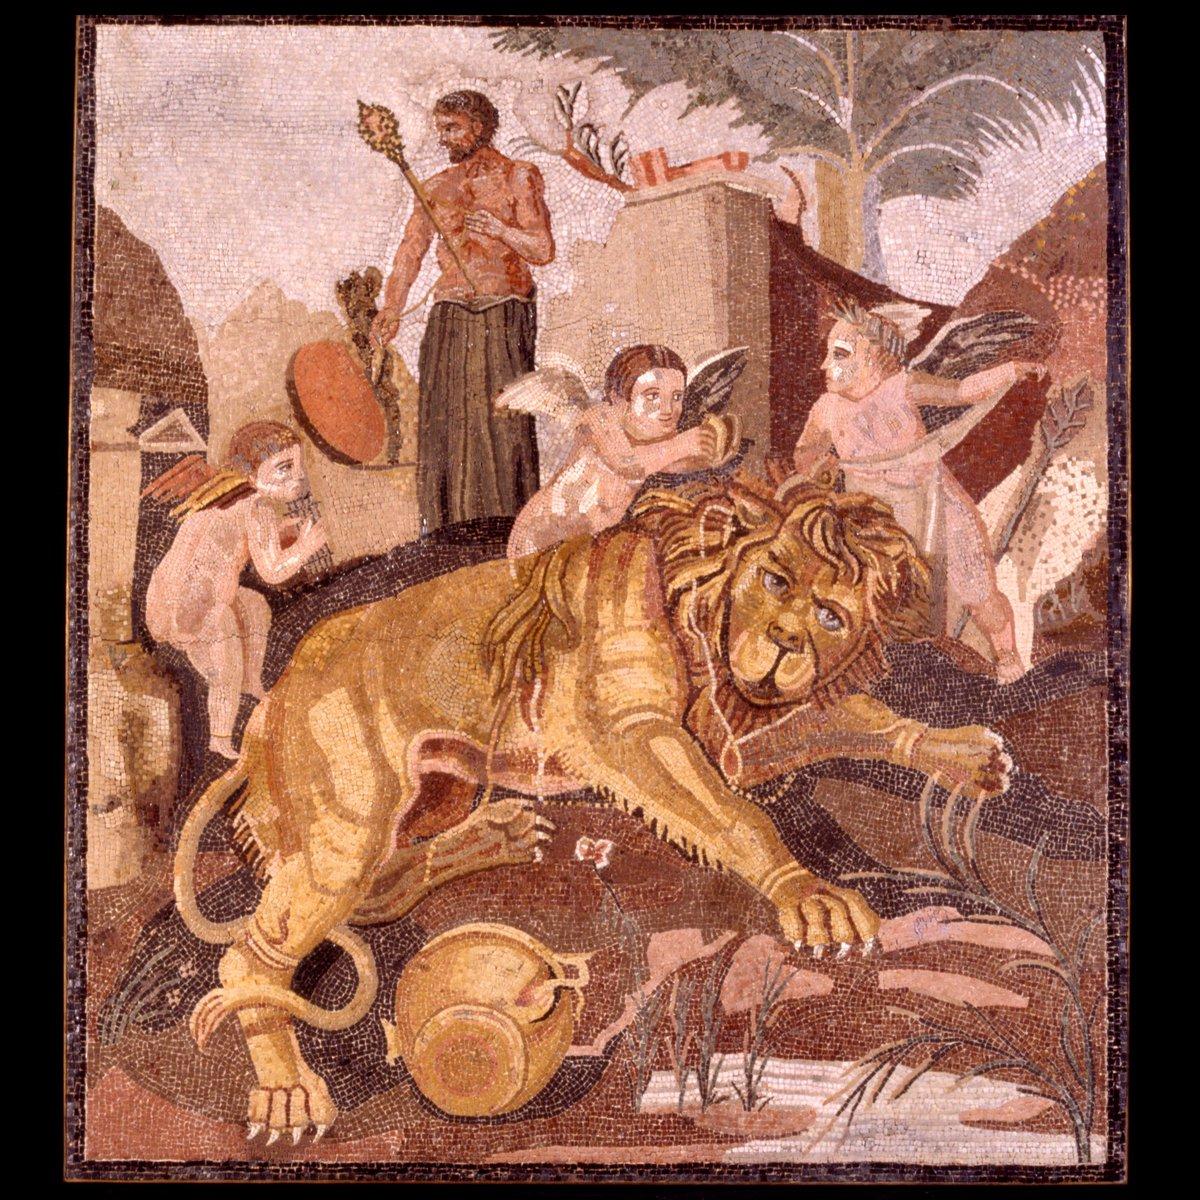 Mosaico con leone e amorini nella #CentraleMontemartini.In primo piano, attorno ad un poderoso leone giacente, giocano tre piccoli eroti. Sullo sfondo un'originaria figura di Dioniso è stata restaurata nel Settecento come Ercole in vesti femminili.#WorldLionDay  - Ukustom